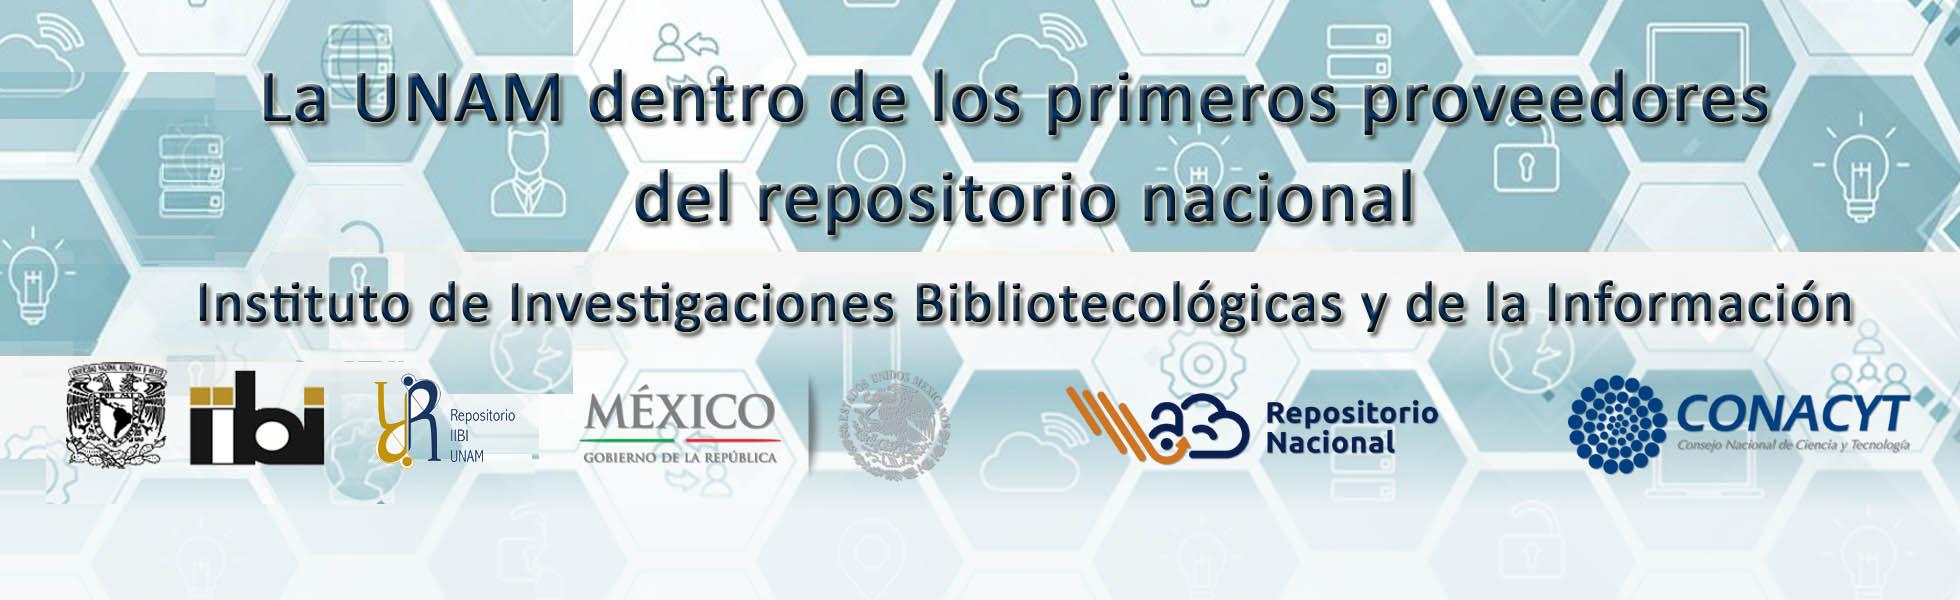 La UNAM dentro de los primeros proveedores del repositorio nacional